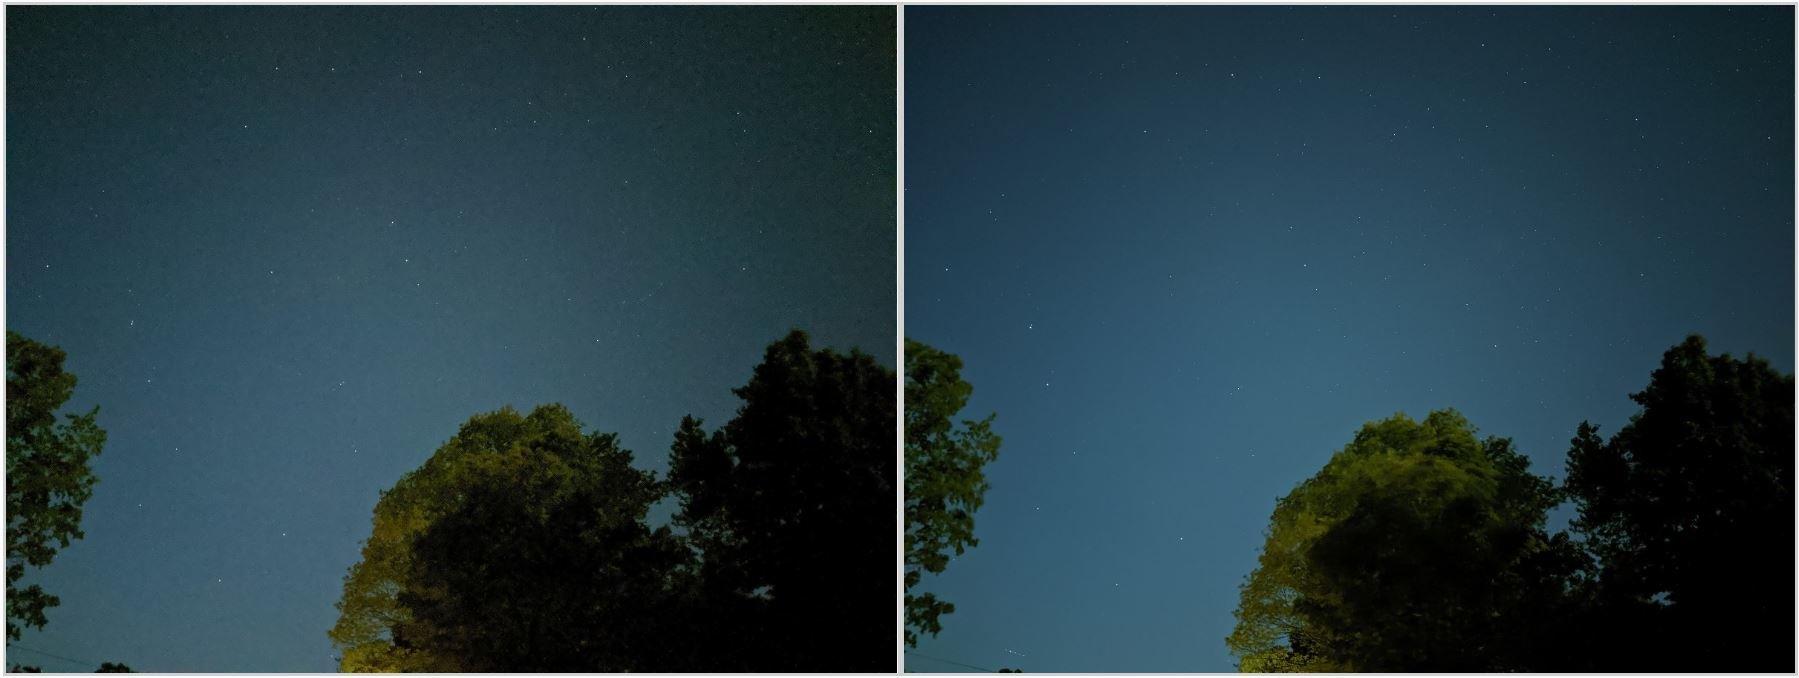 pixel 4 astro 3